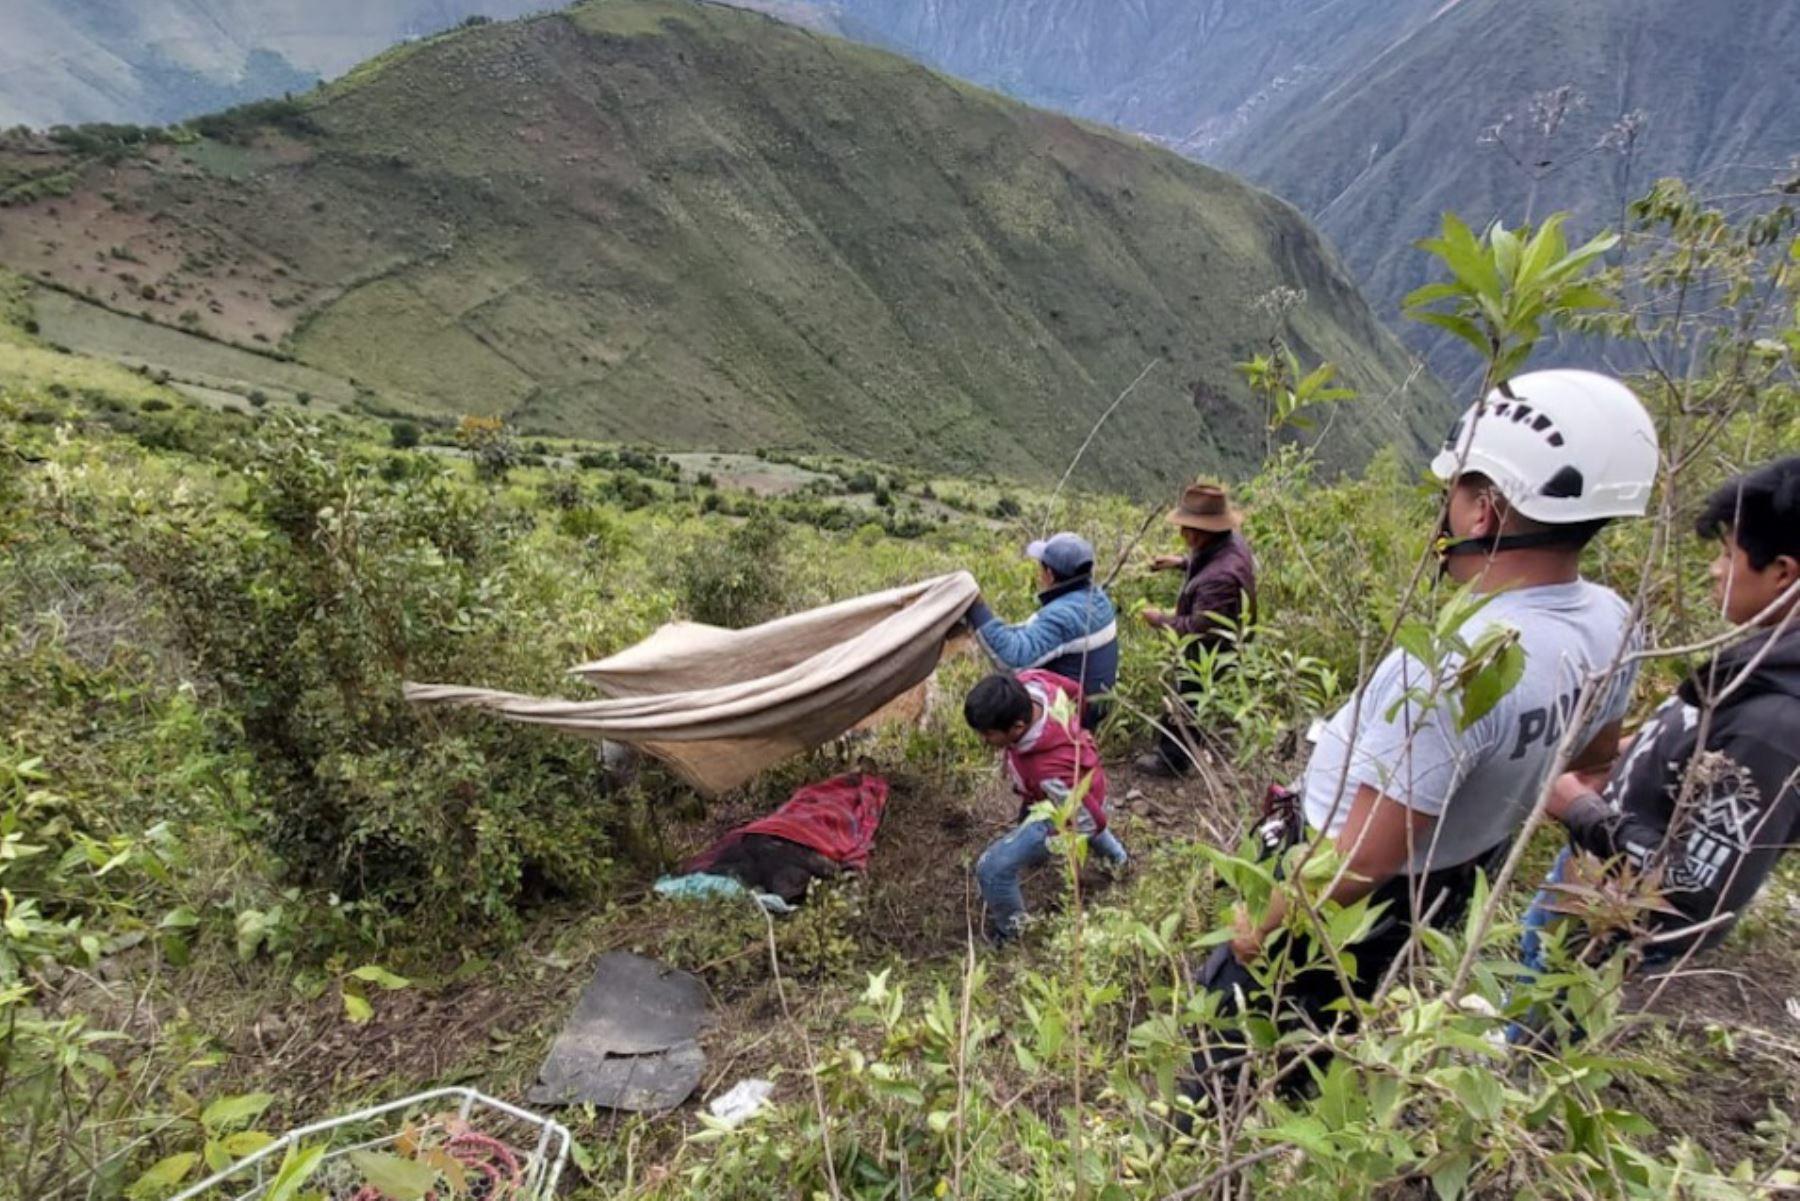 Accidente en la vía Colquemarca-Cusco, en la provincia cusqueña de Chumbivilcas, dejó dos víctimas mortales. Foto: ANDINA/Difusión